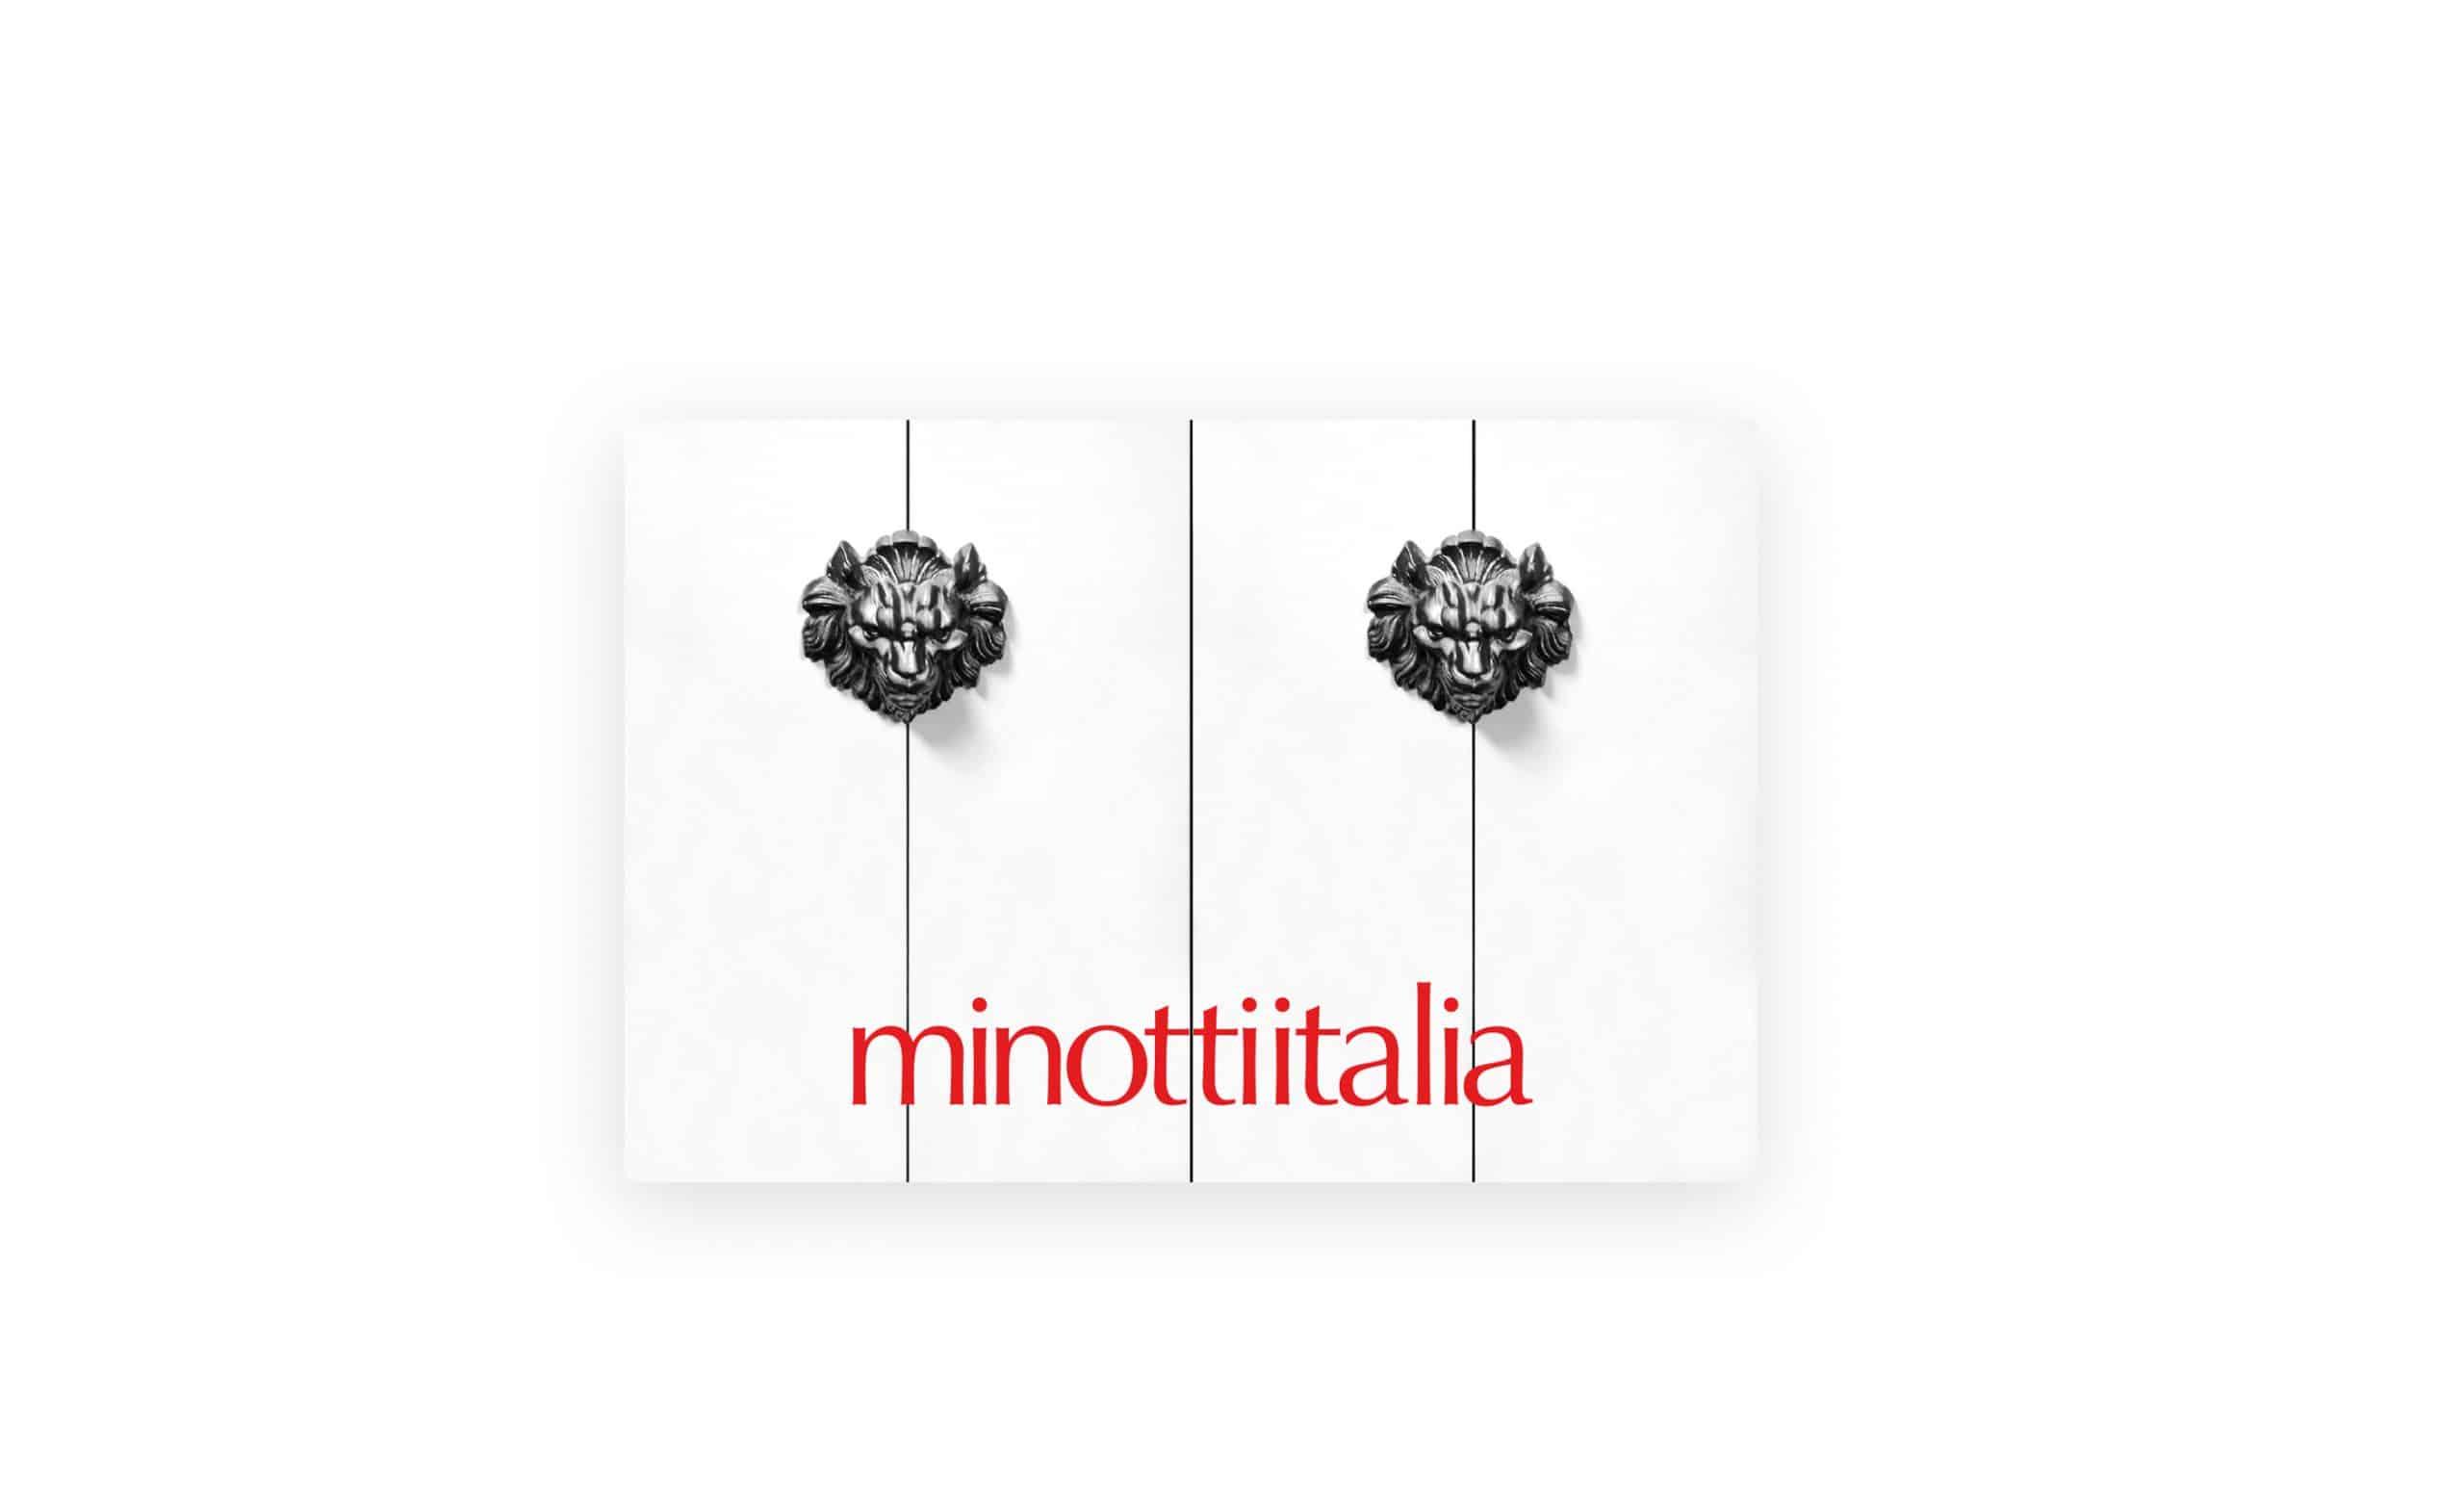 MINOTTIITALIA Flyer 16anverso